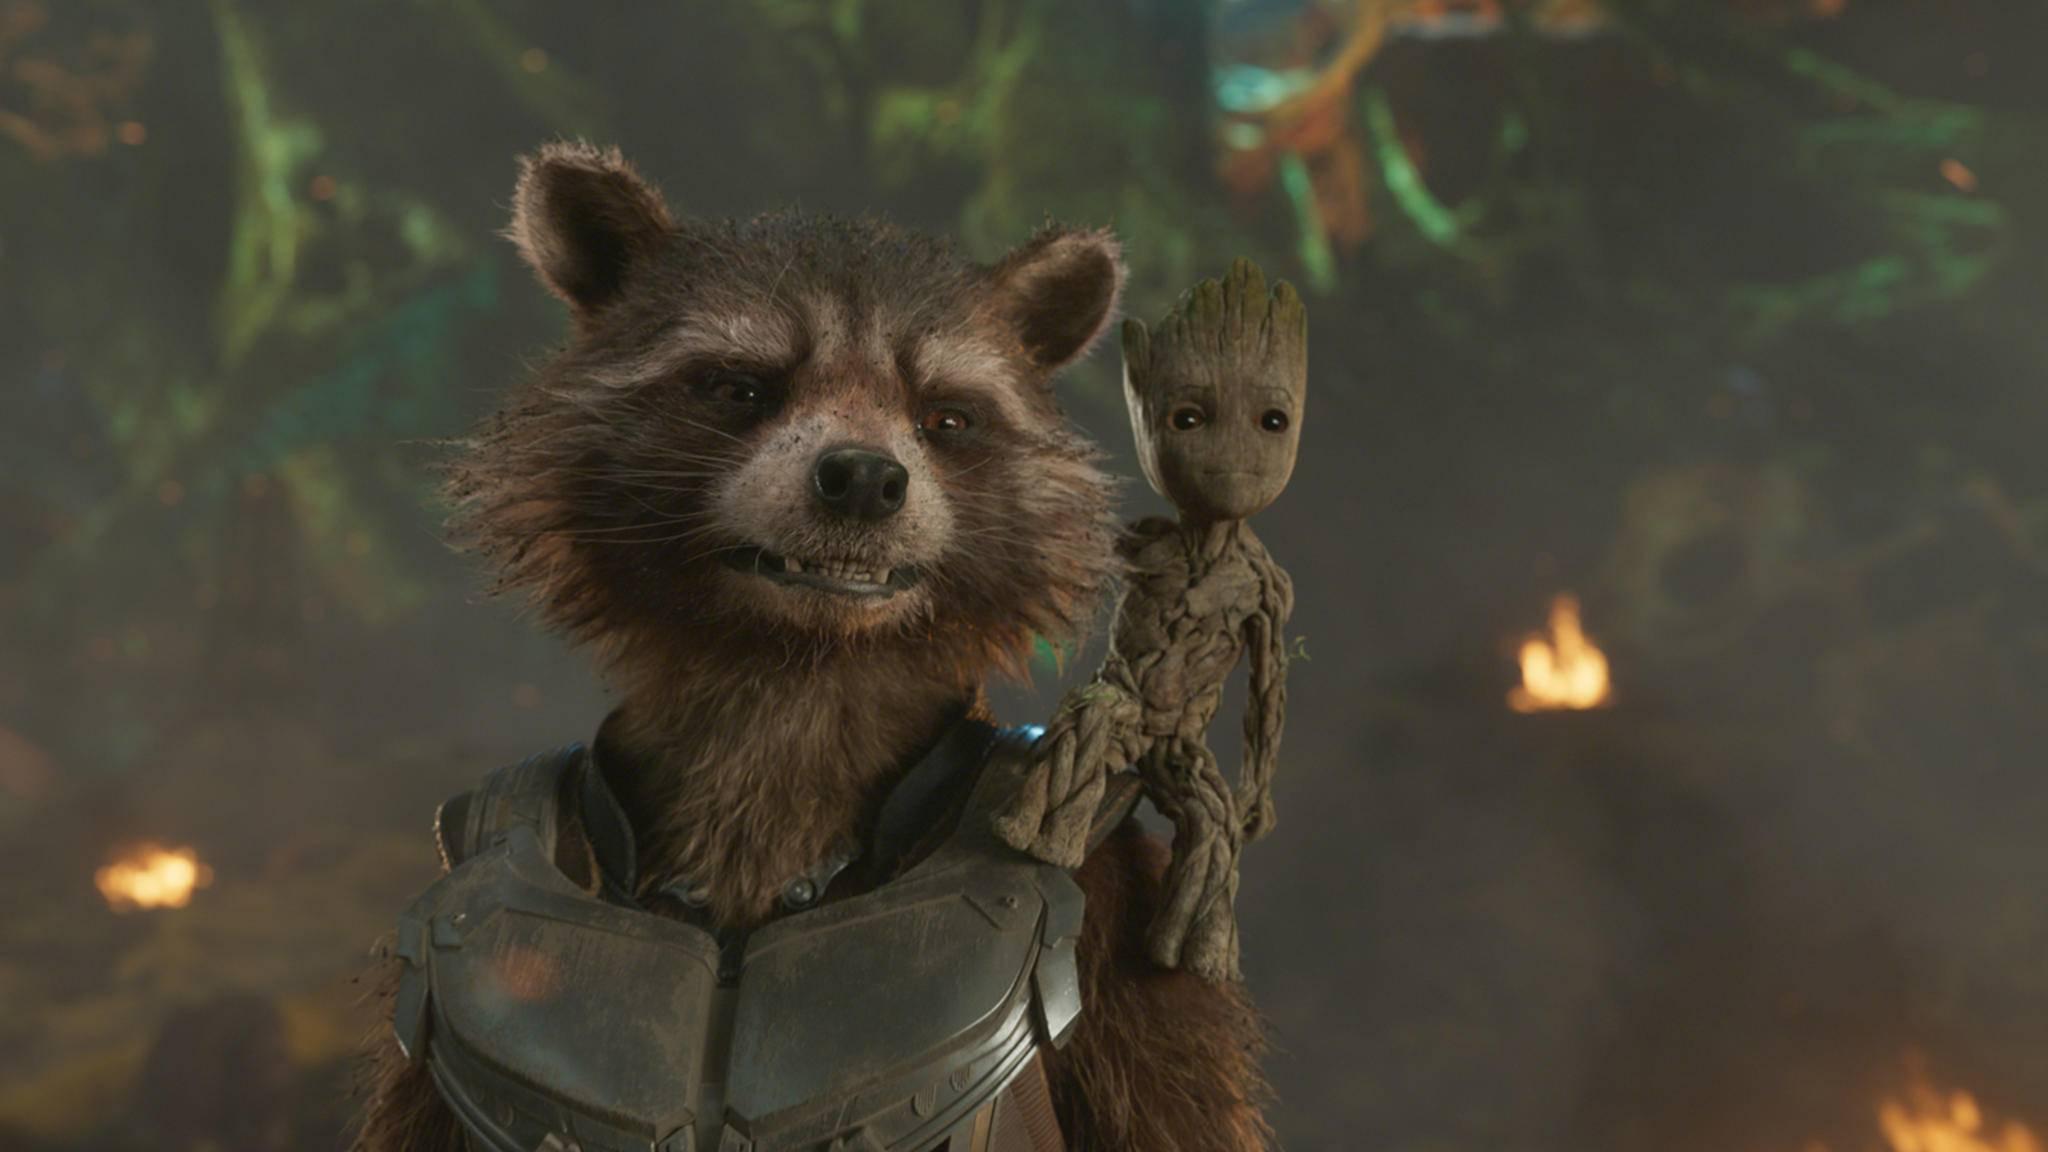 """Seit """"Guardians of the Galaxy Vol. 2"""" ist Groot gewachsen ... - doch seine Worte an Rocket zeigen, dass der Waschbär auch in """"Infinity War"""" seine Bezugsperson ist."""